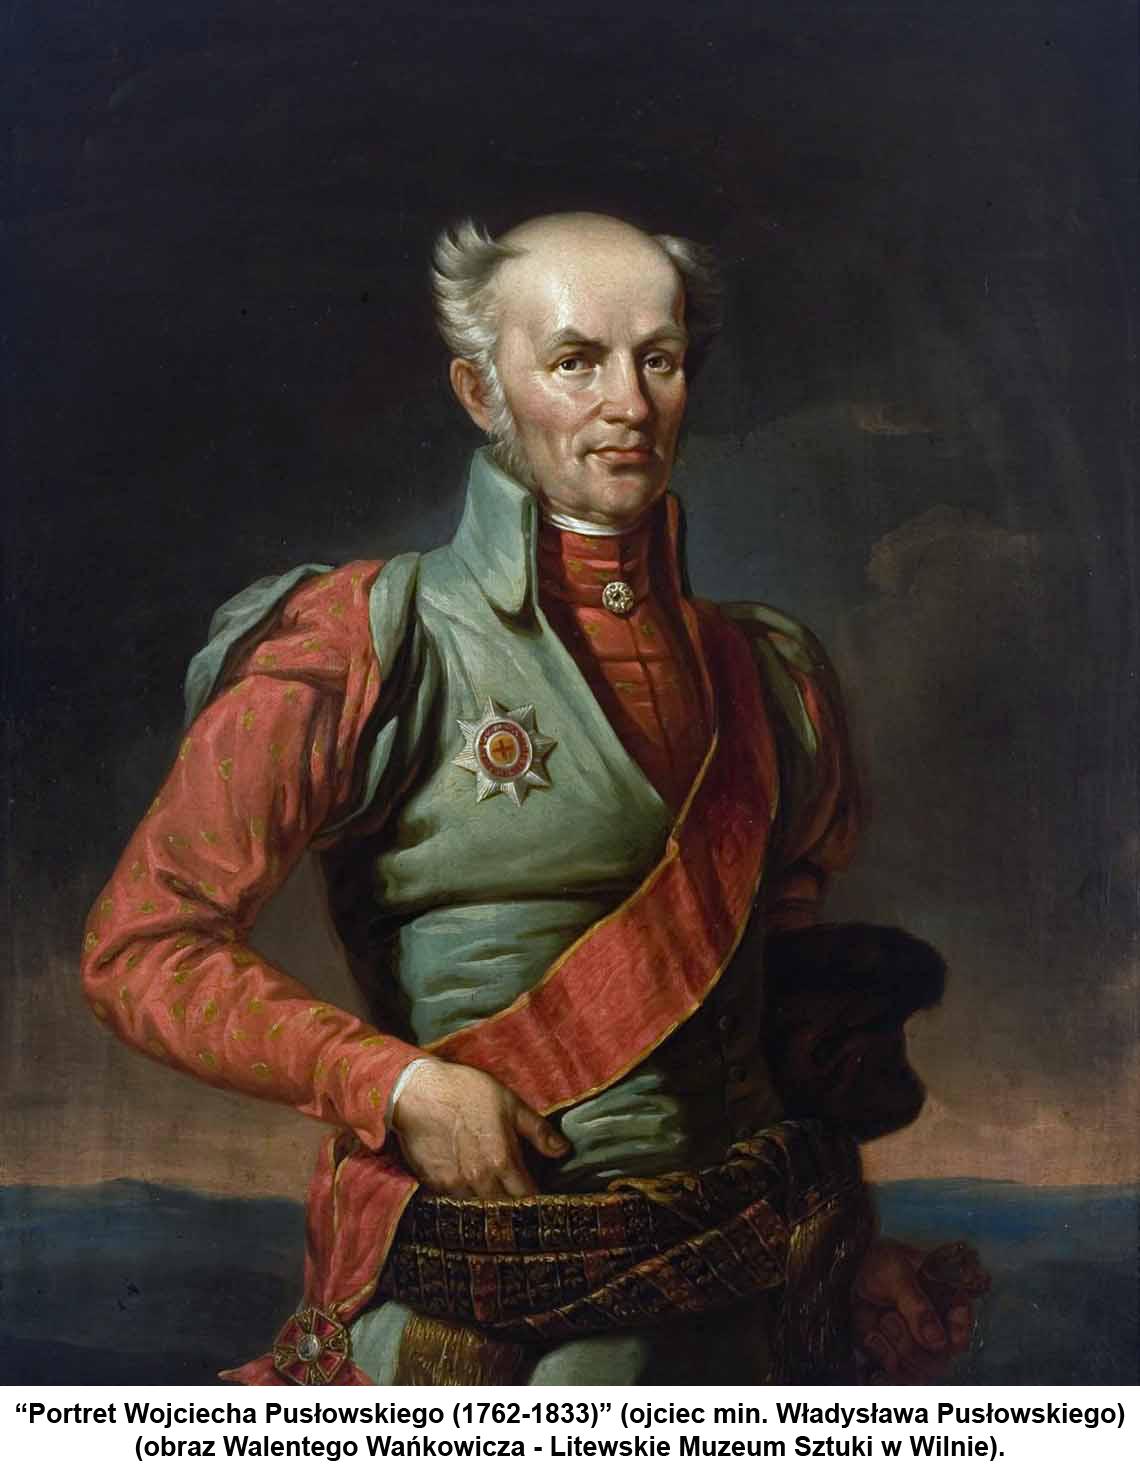 """""""Portret Wojciecha Pusłowskiego"""" (1762-1833)"""" (ojciec min. Władysława Pusłowskiego) (obraz Walentego Wańkowicza - Litewskie Muzeum Sztuki w Wilnie)."""